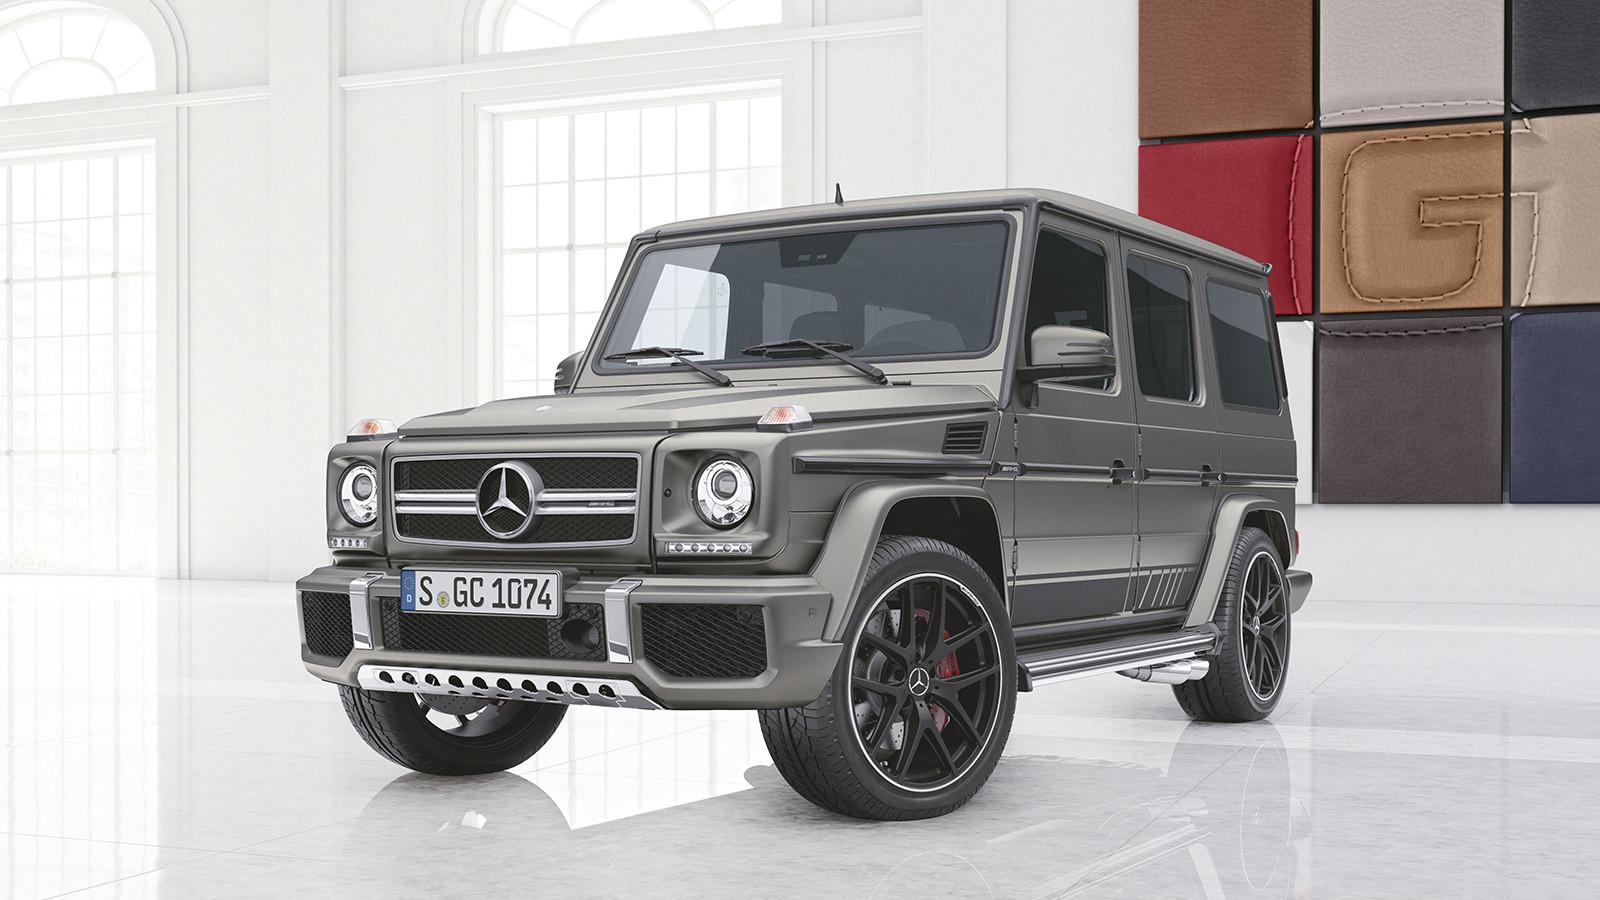 Benz представил новые версии G-Class